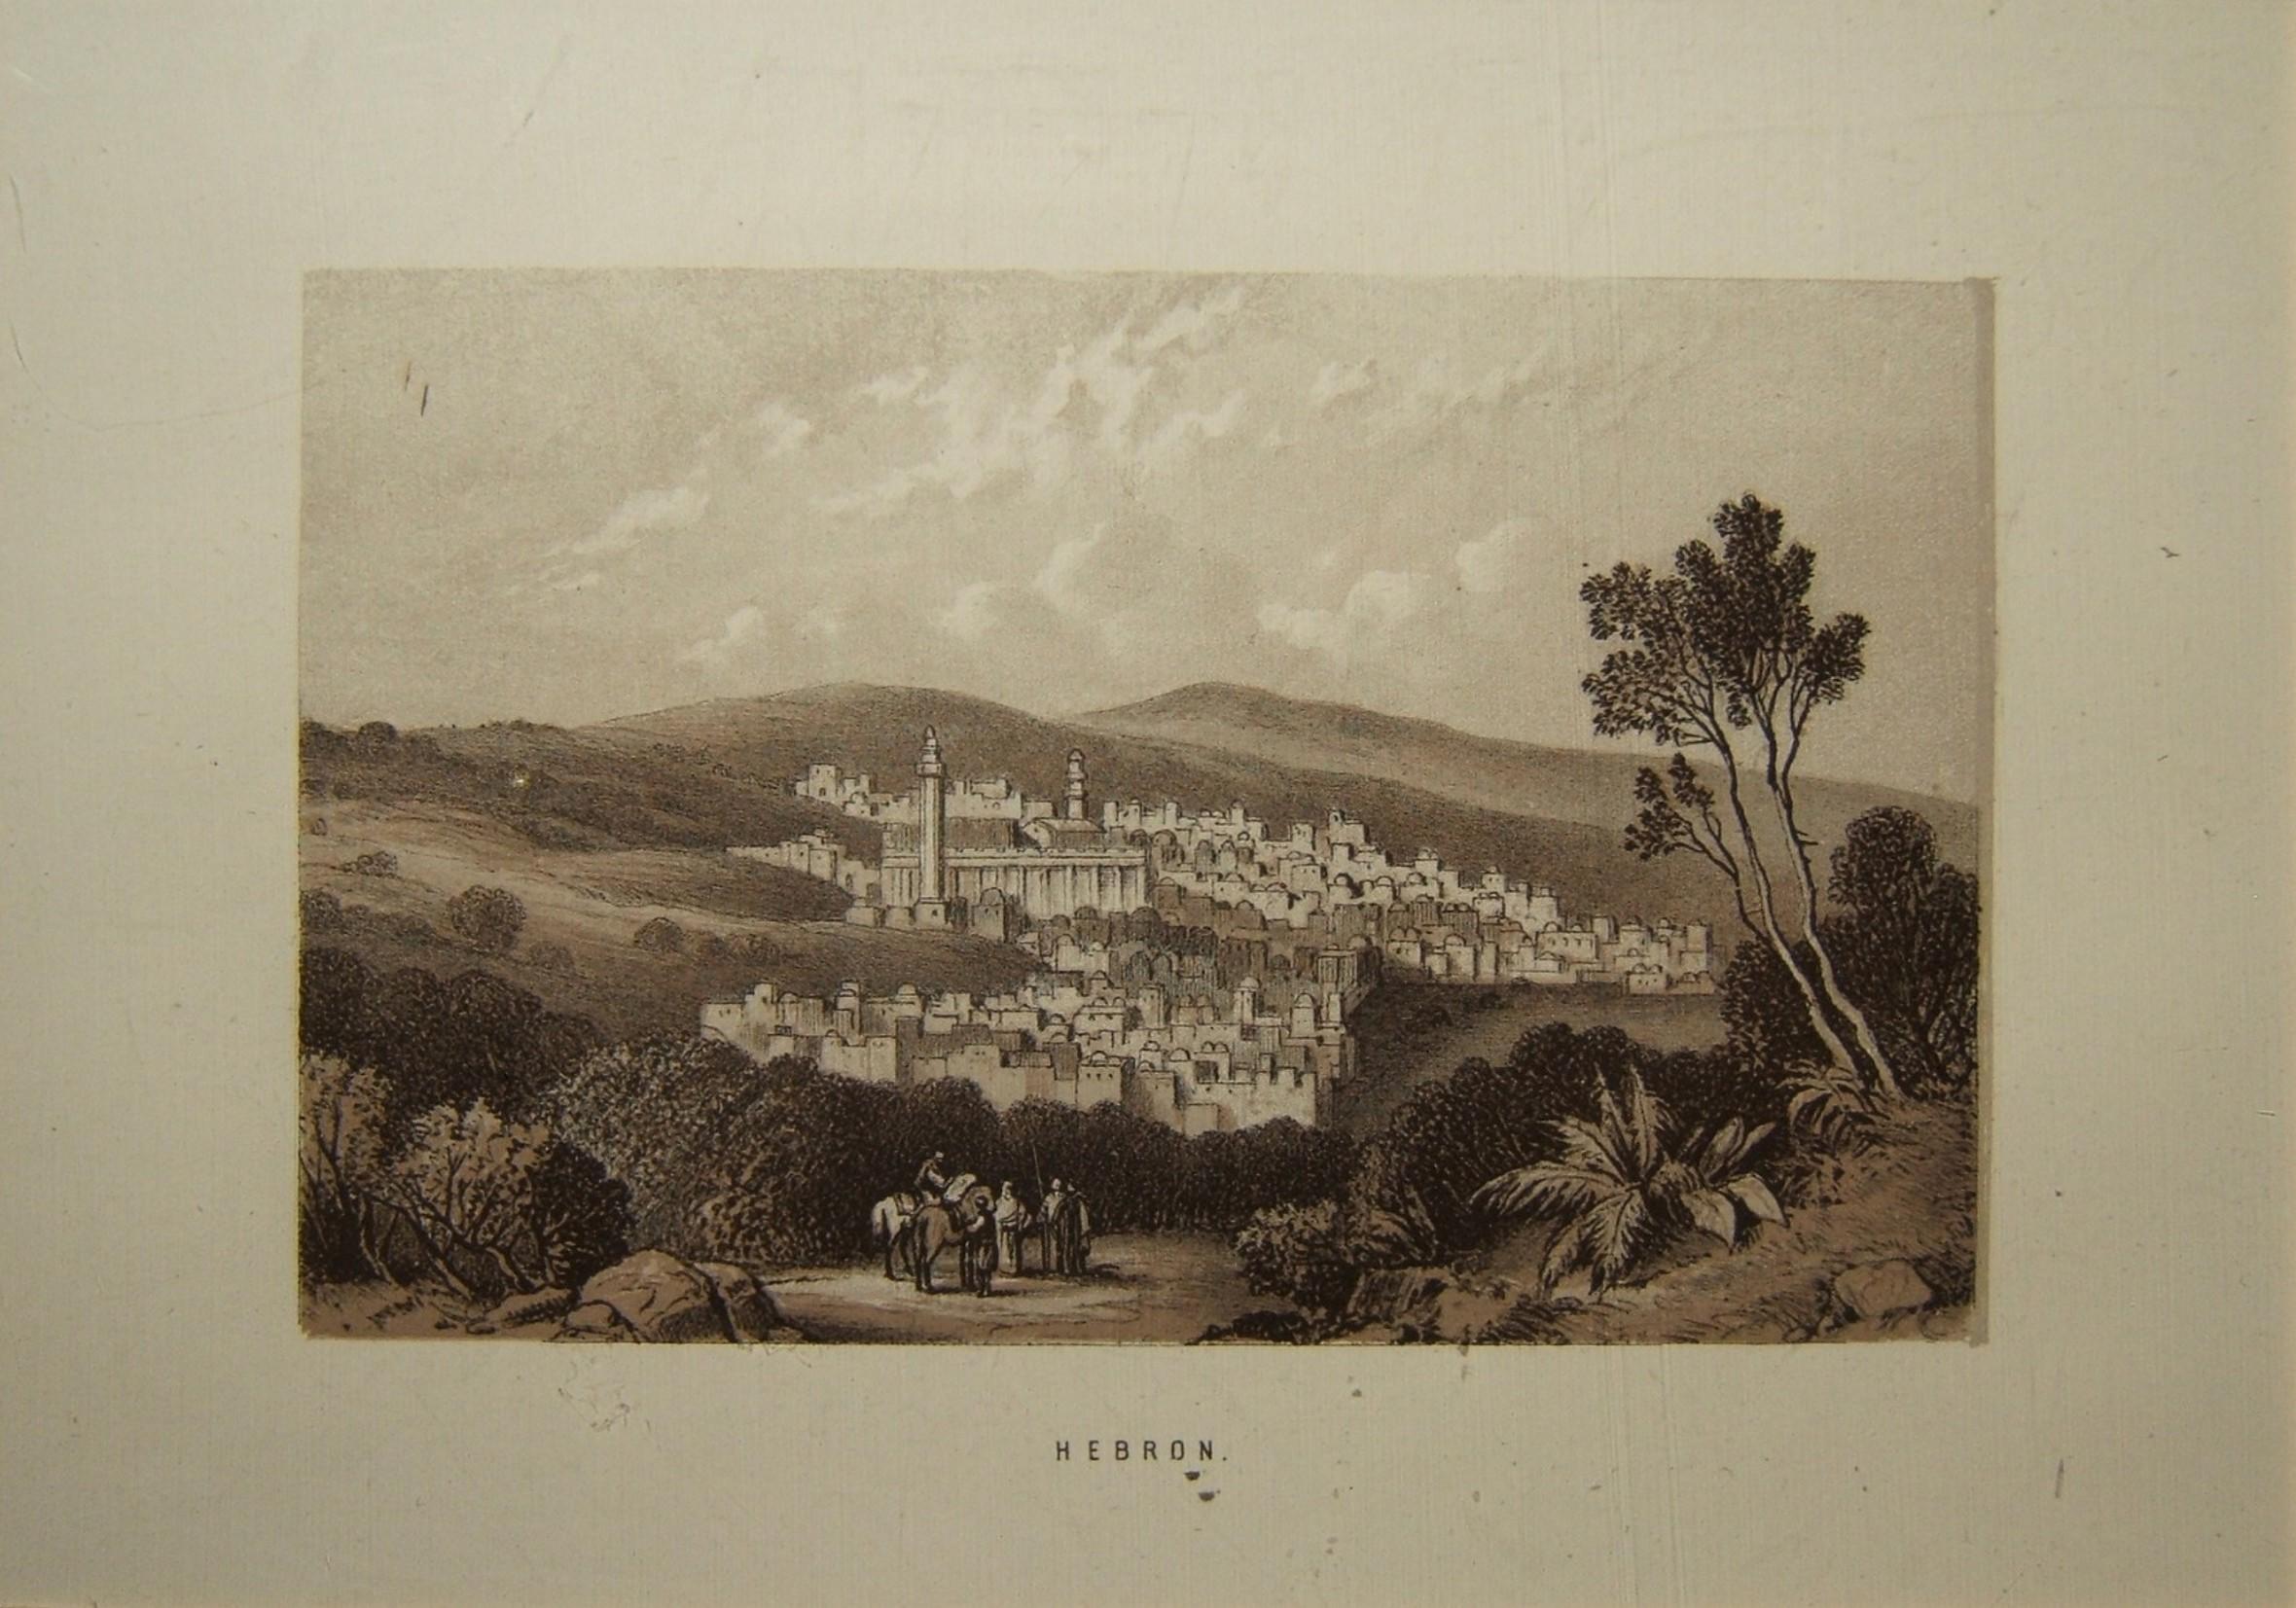 הדפס ליטוגרפי של הולילנד בחברון, בערך 1879 - ללא ציון